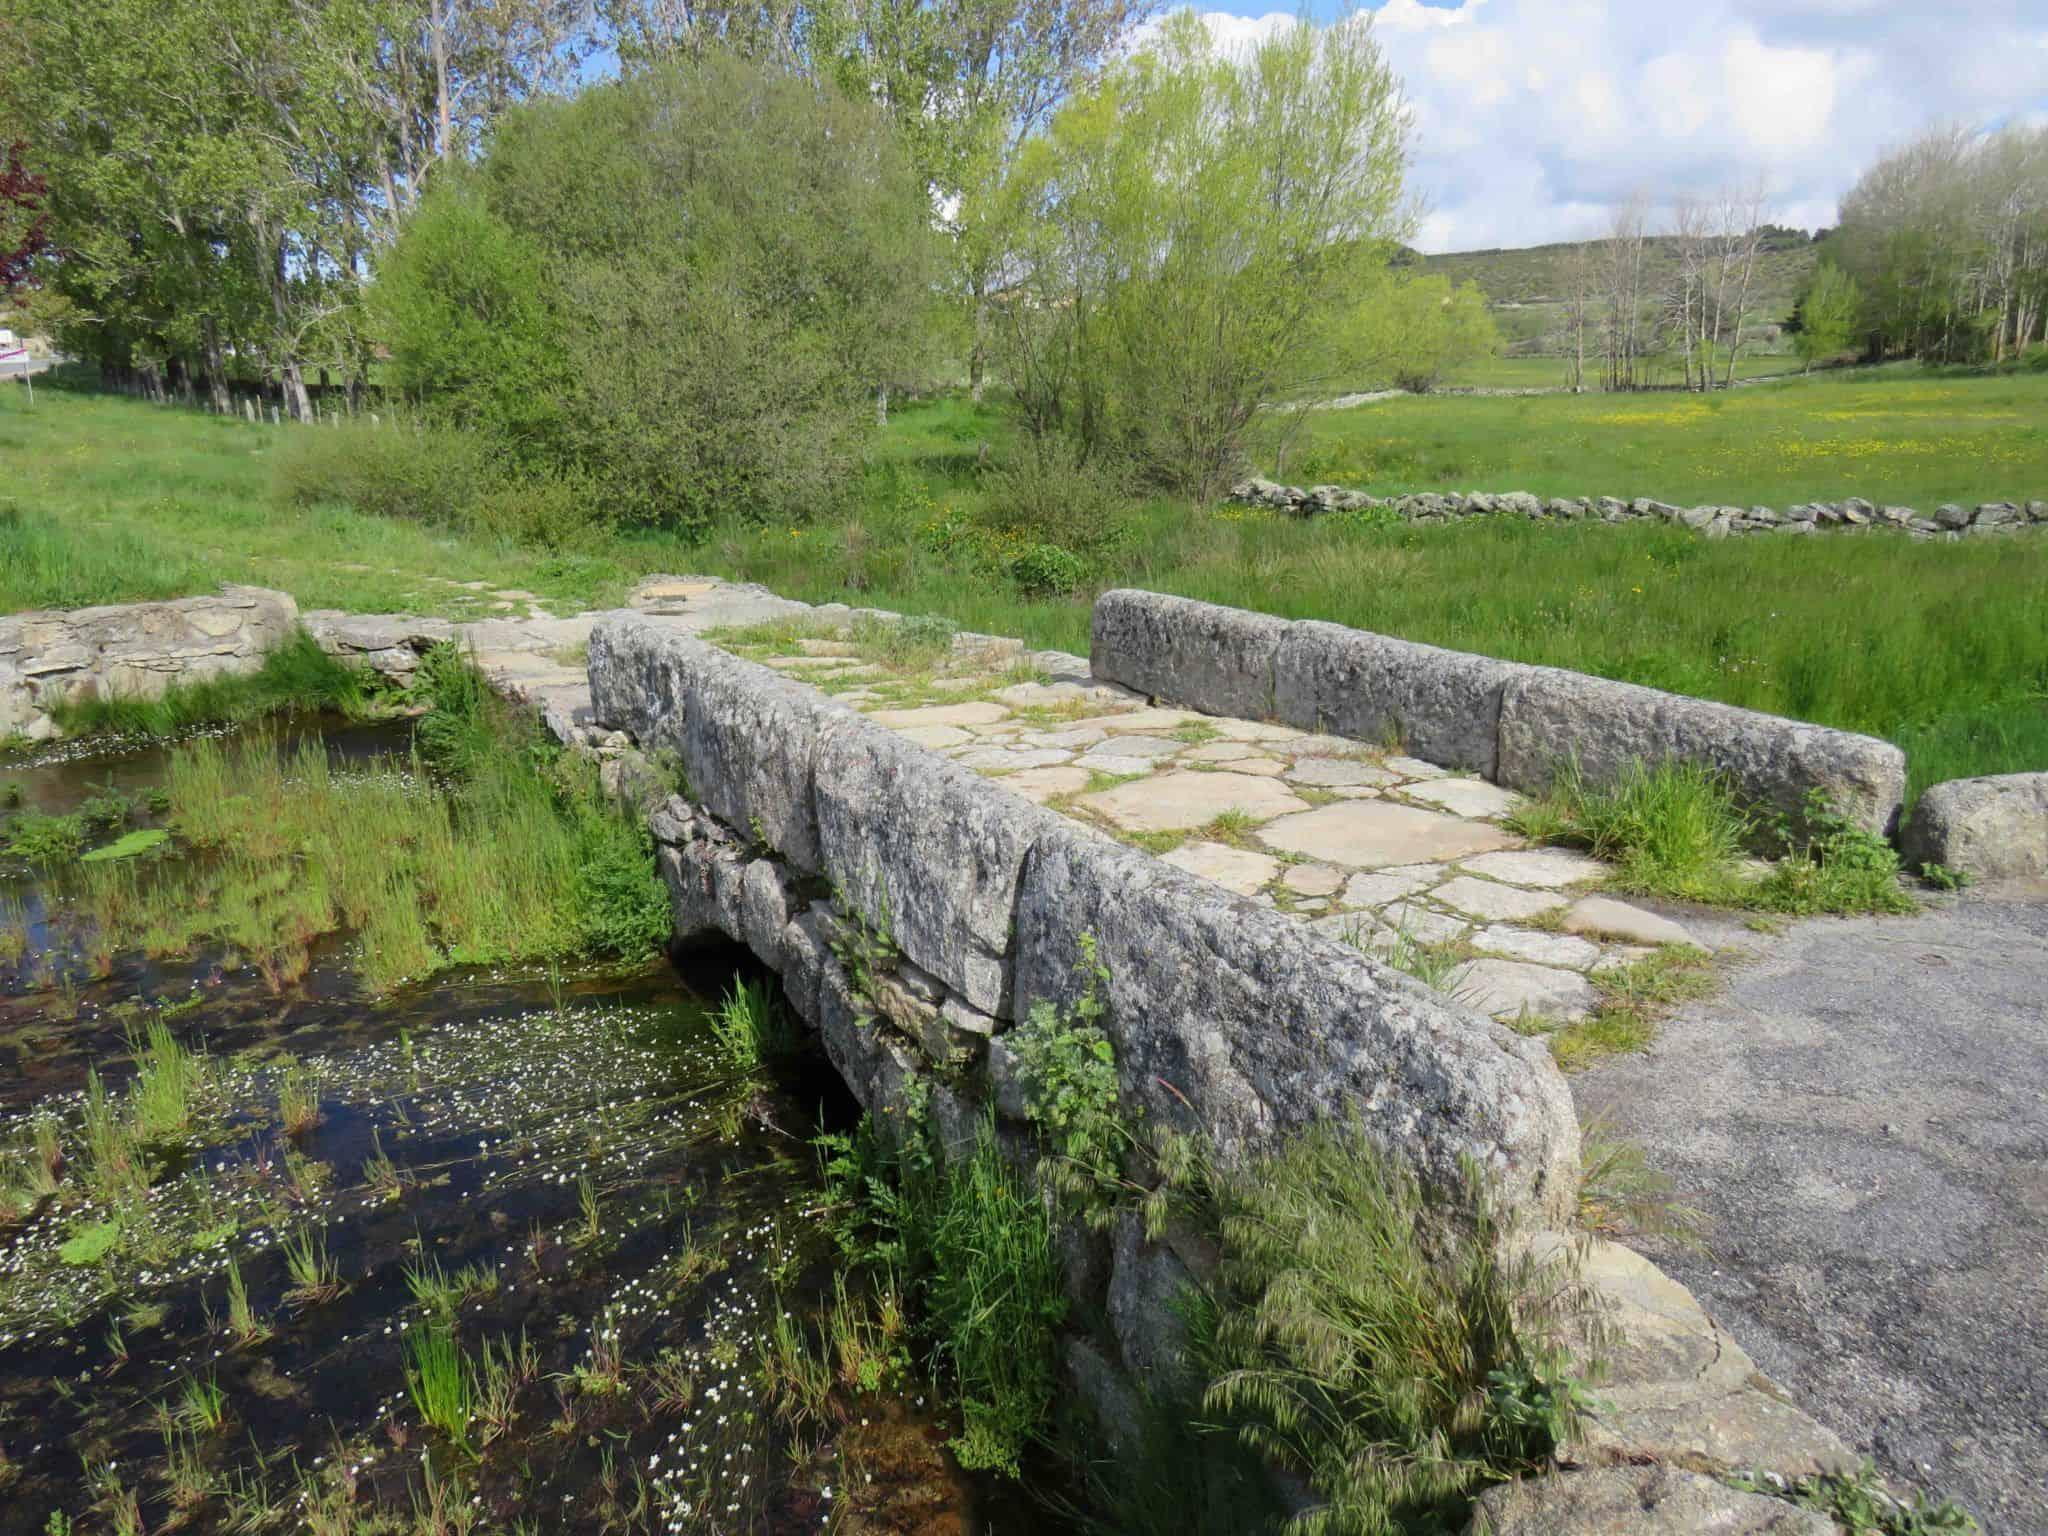 puente románico en Navarredonda de Gredos